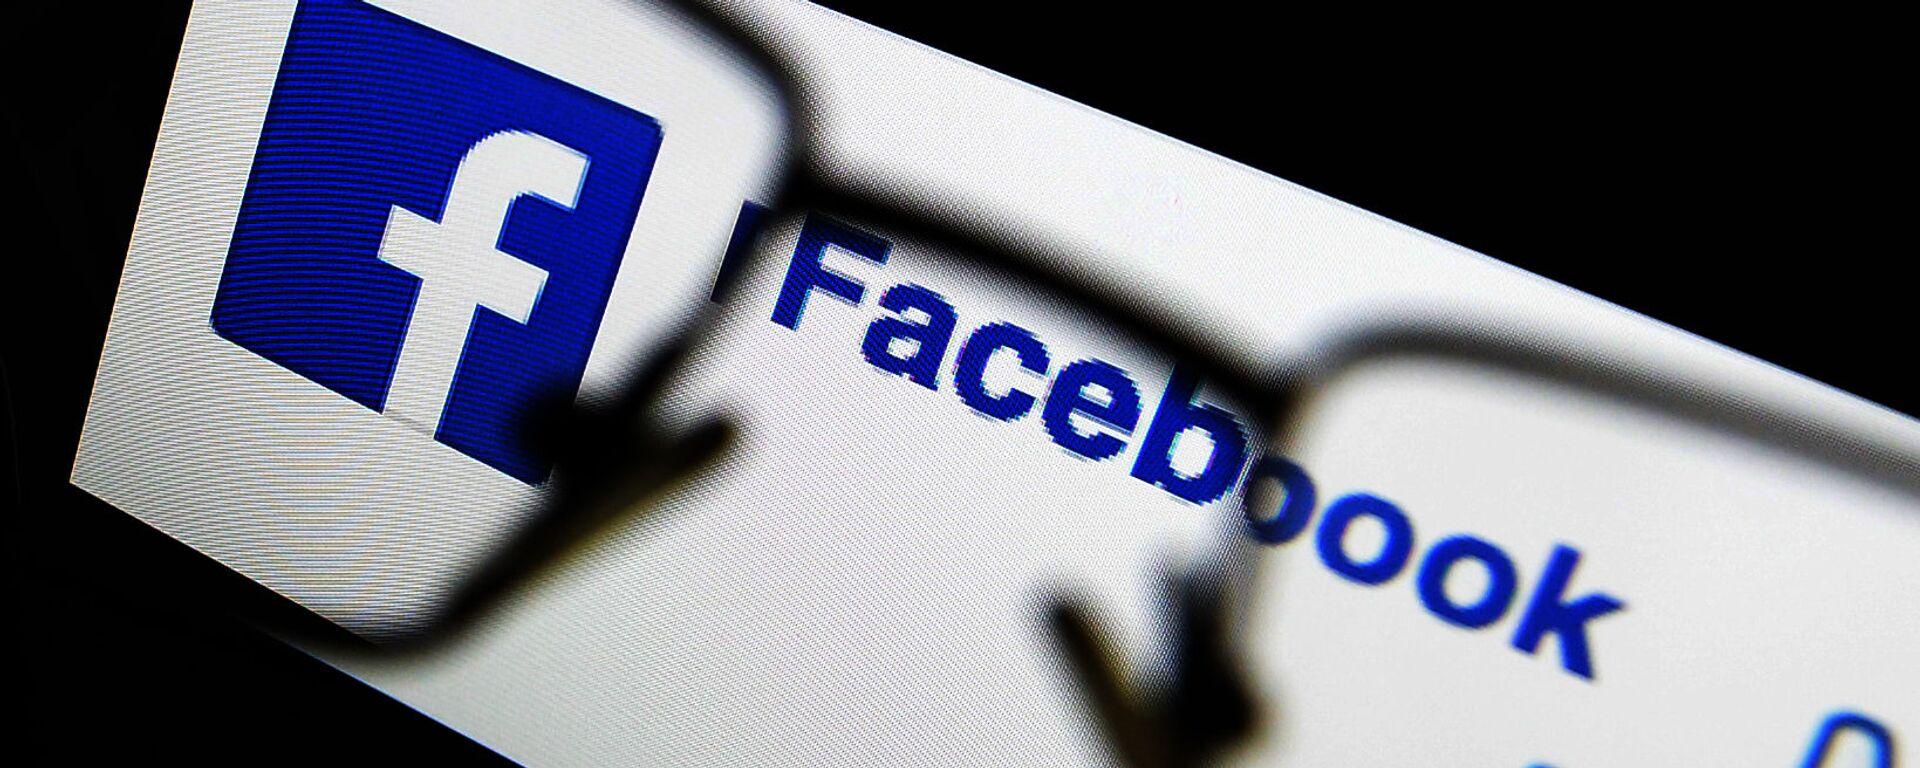 Η σελίδα του Facebook στον υπολογιστή.  - Sputnik Ελλάδα, 1920, 13.10.2021